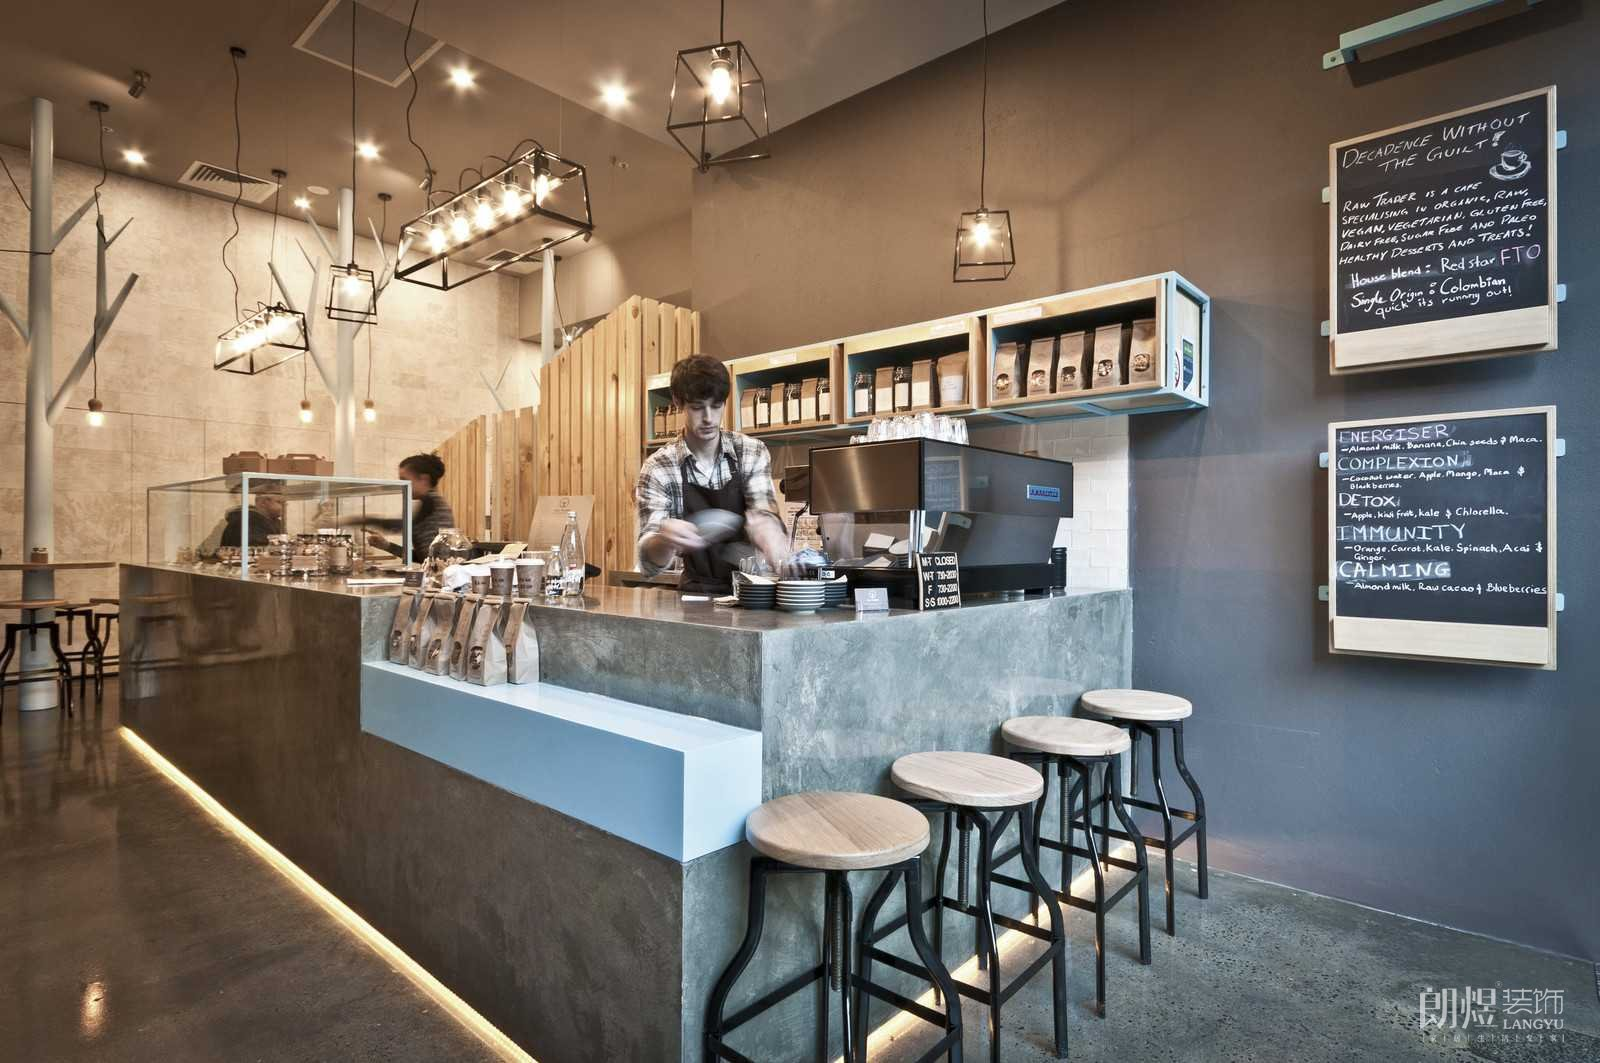 奶茶店用什么装修风格好?